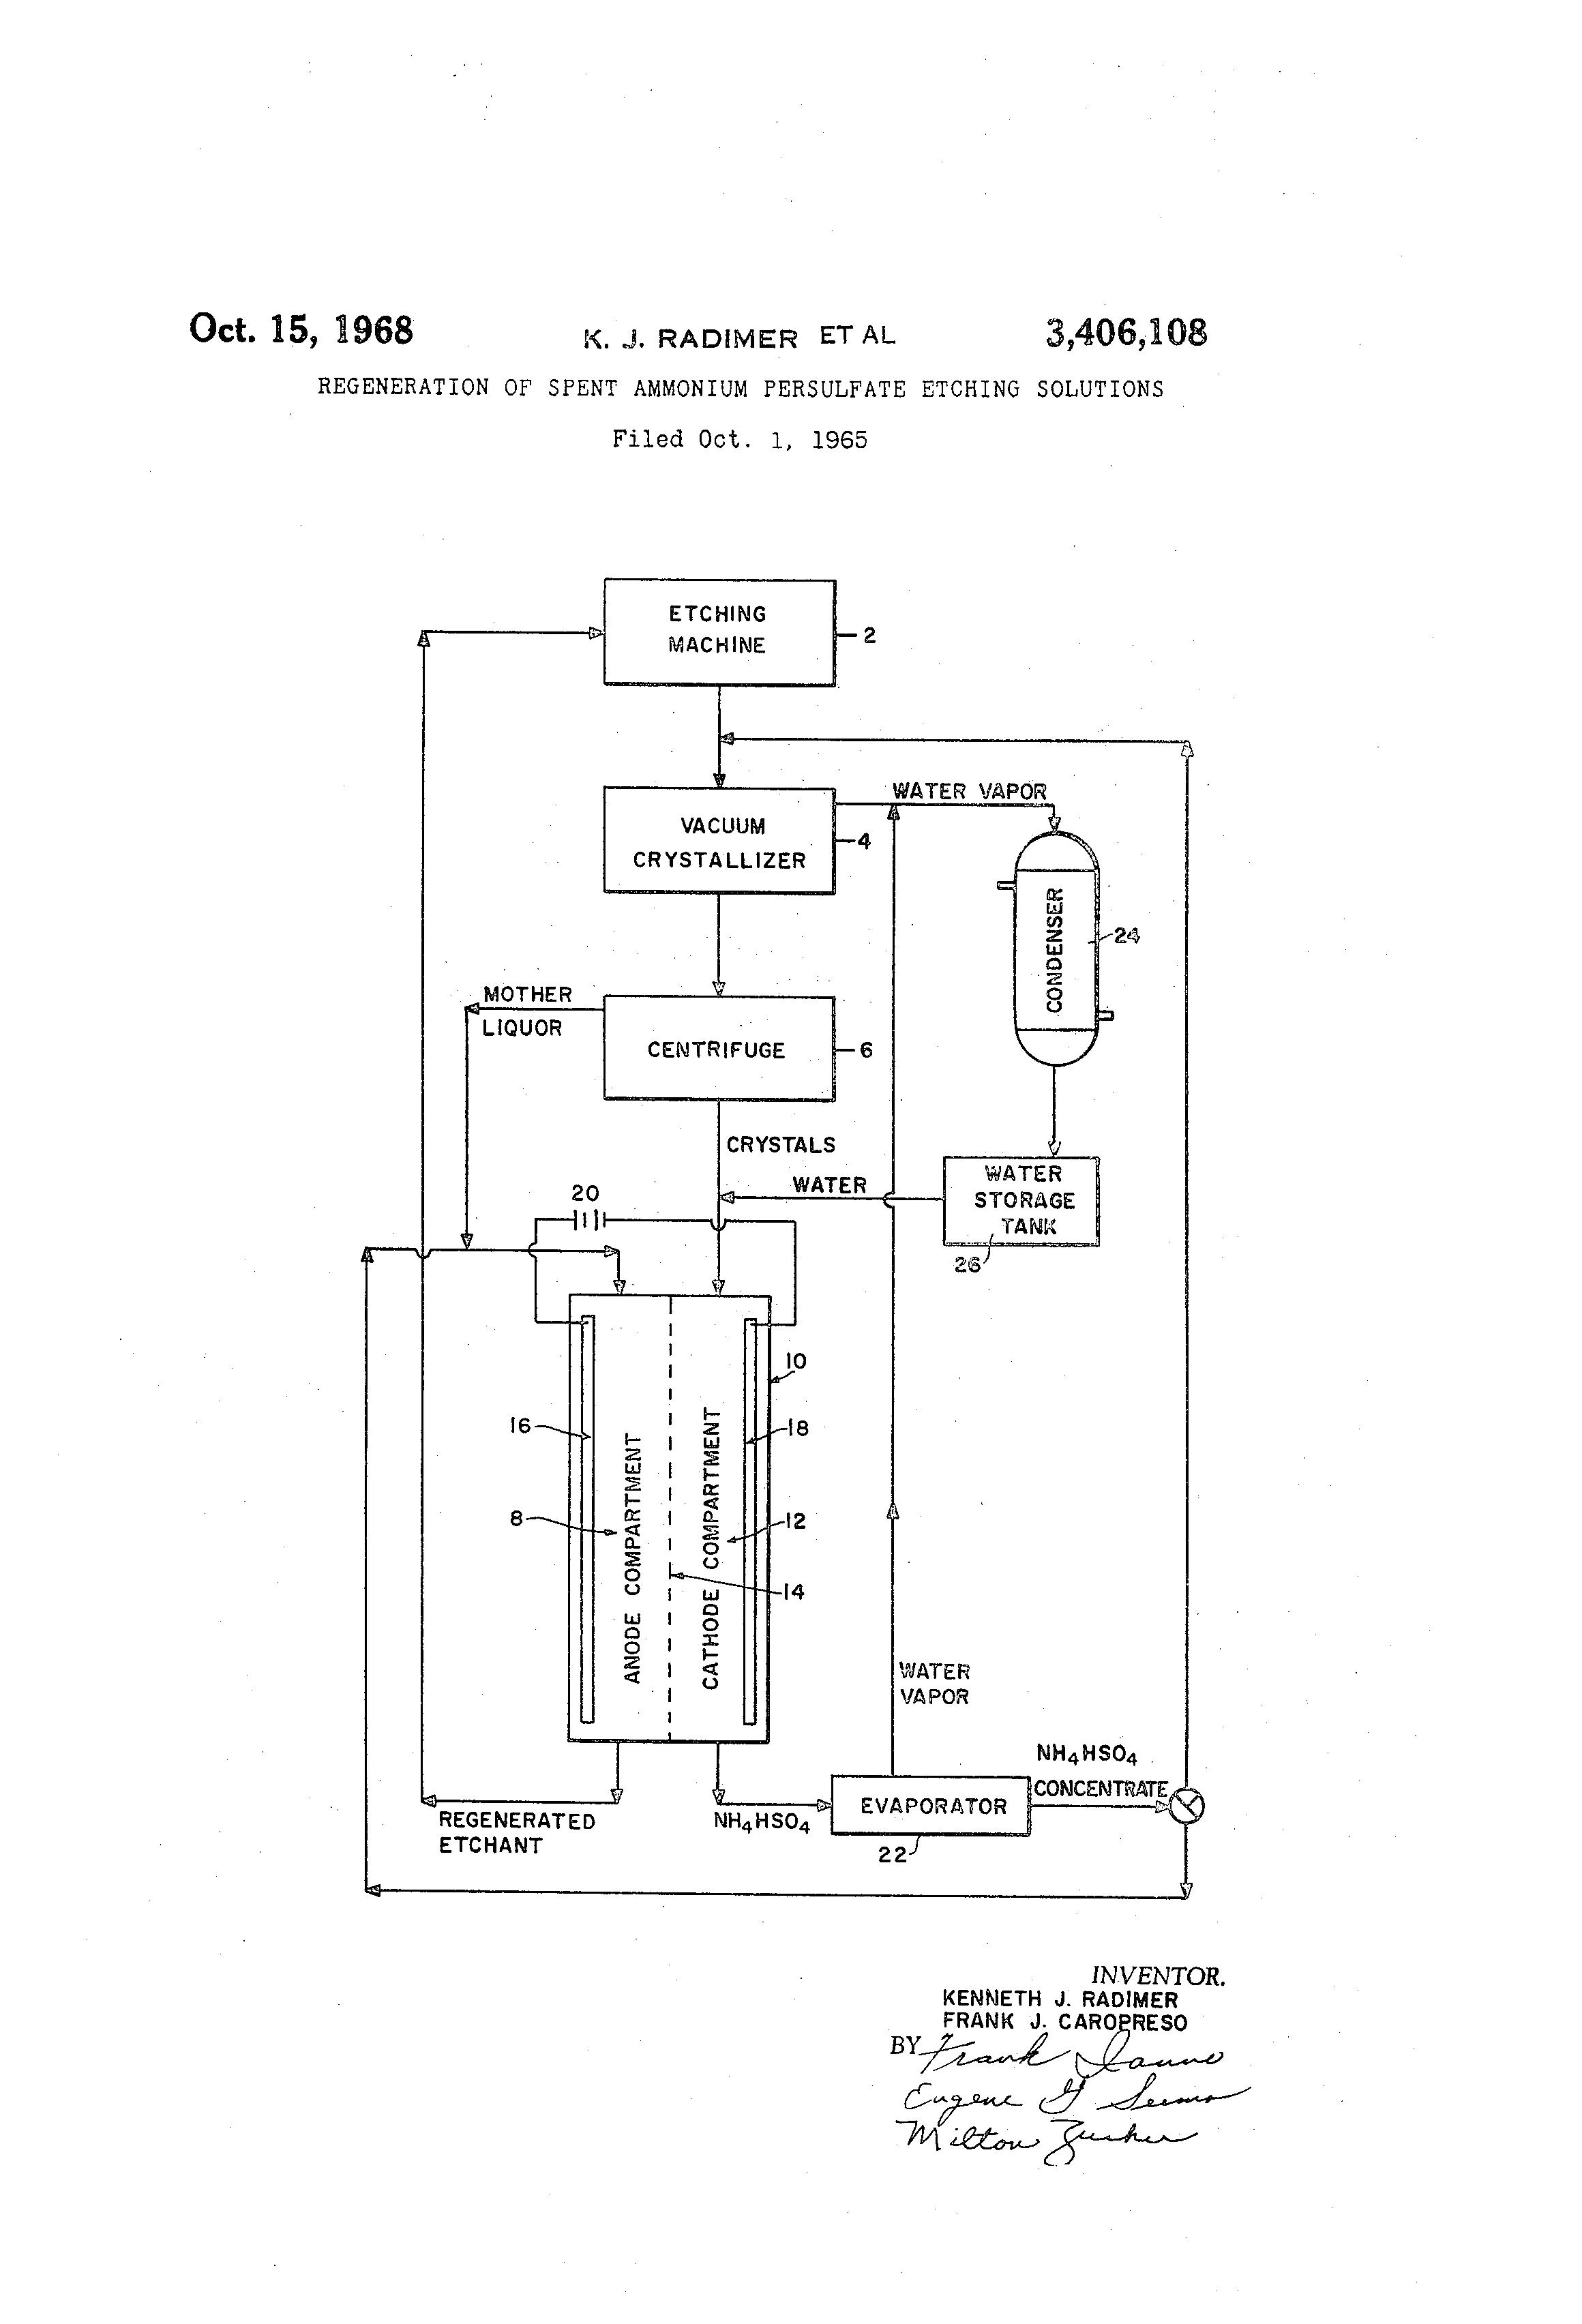 Brevet US3406108 - Regeneration of spent ammonium persulfate